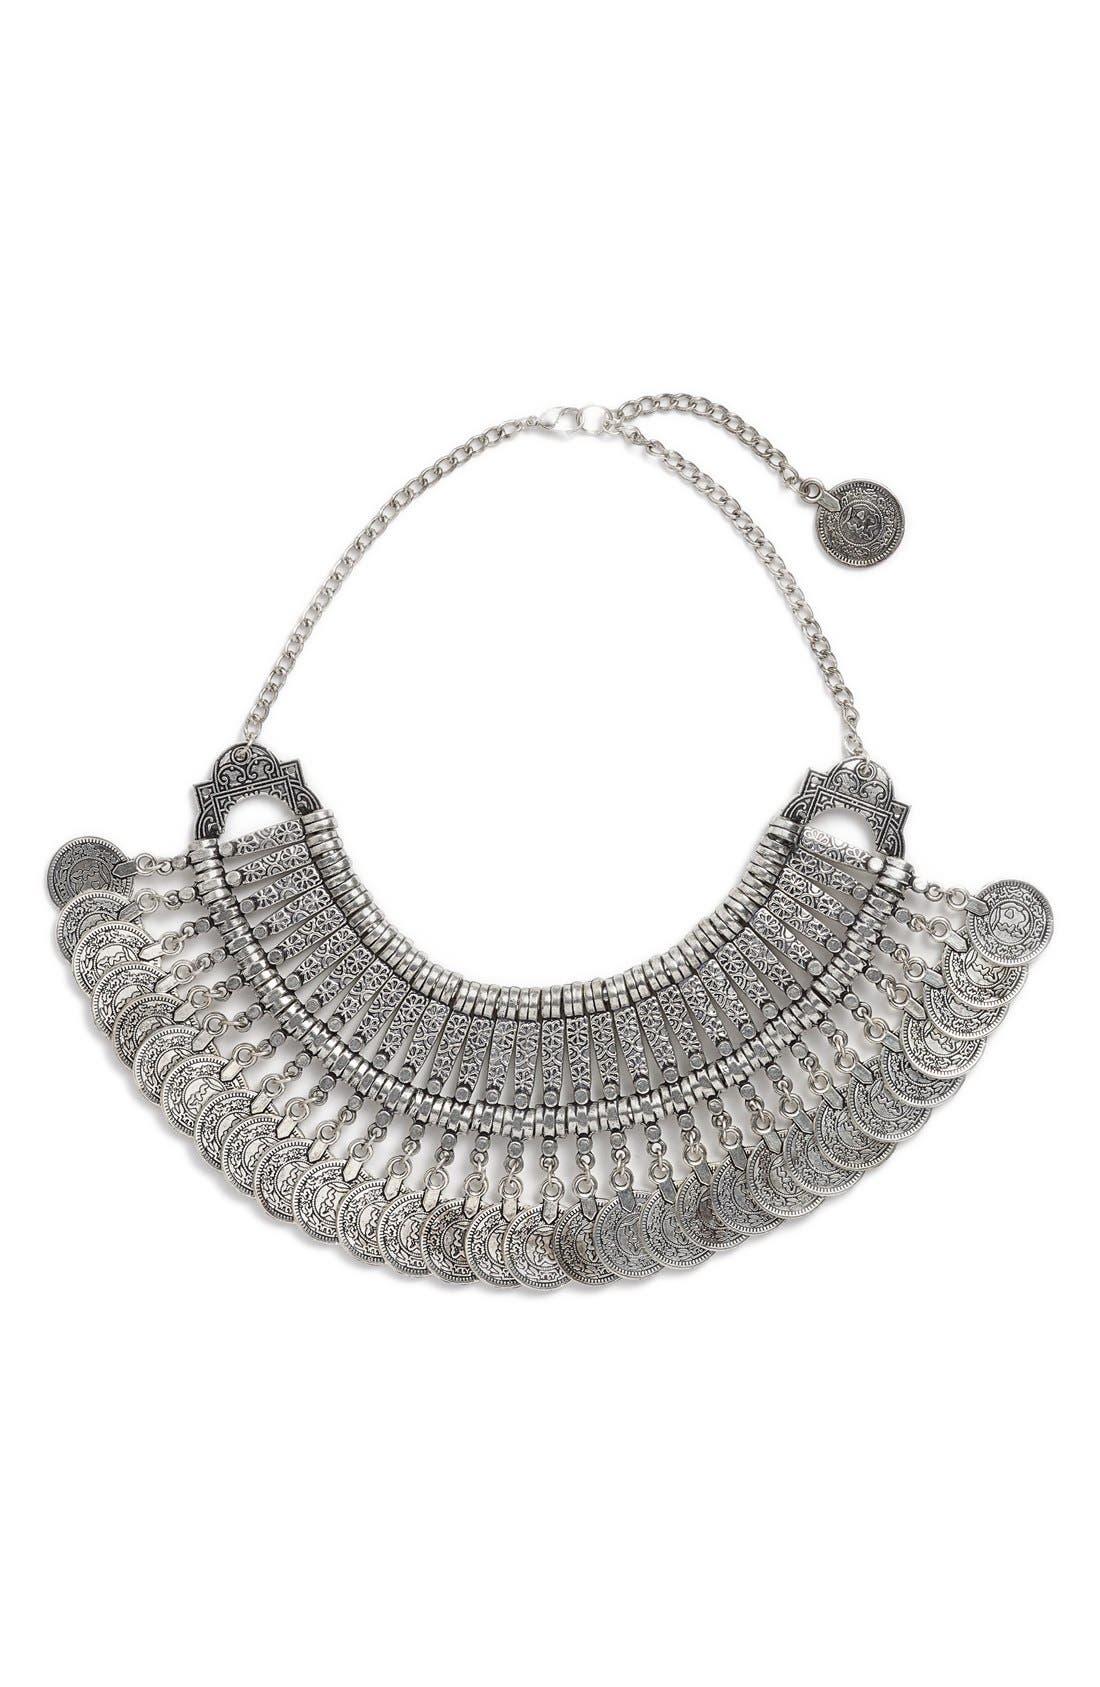 Main Image - Raga 'Gypsy Coin' Bib Necklace